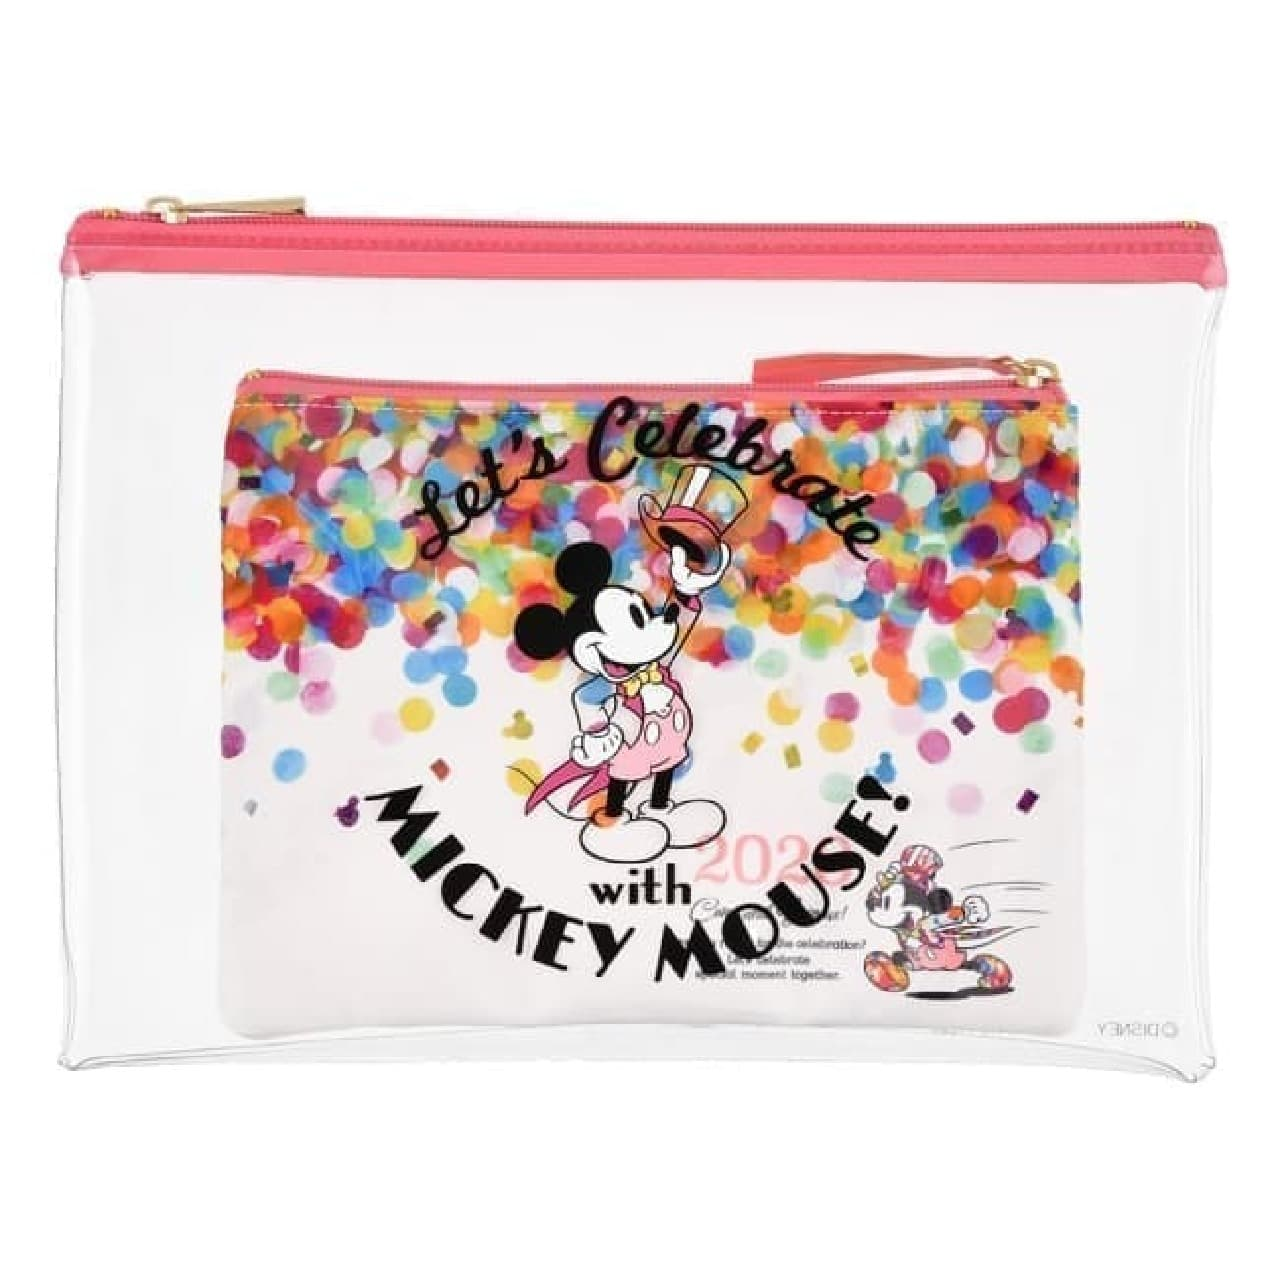 ミッキーマウスがタキシード姿に--新年を華やかに祝う雑貨や文具がディズニーストアから